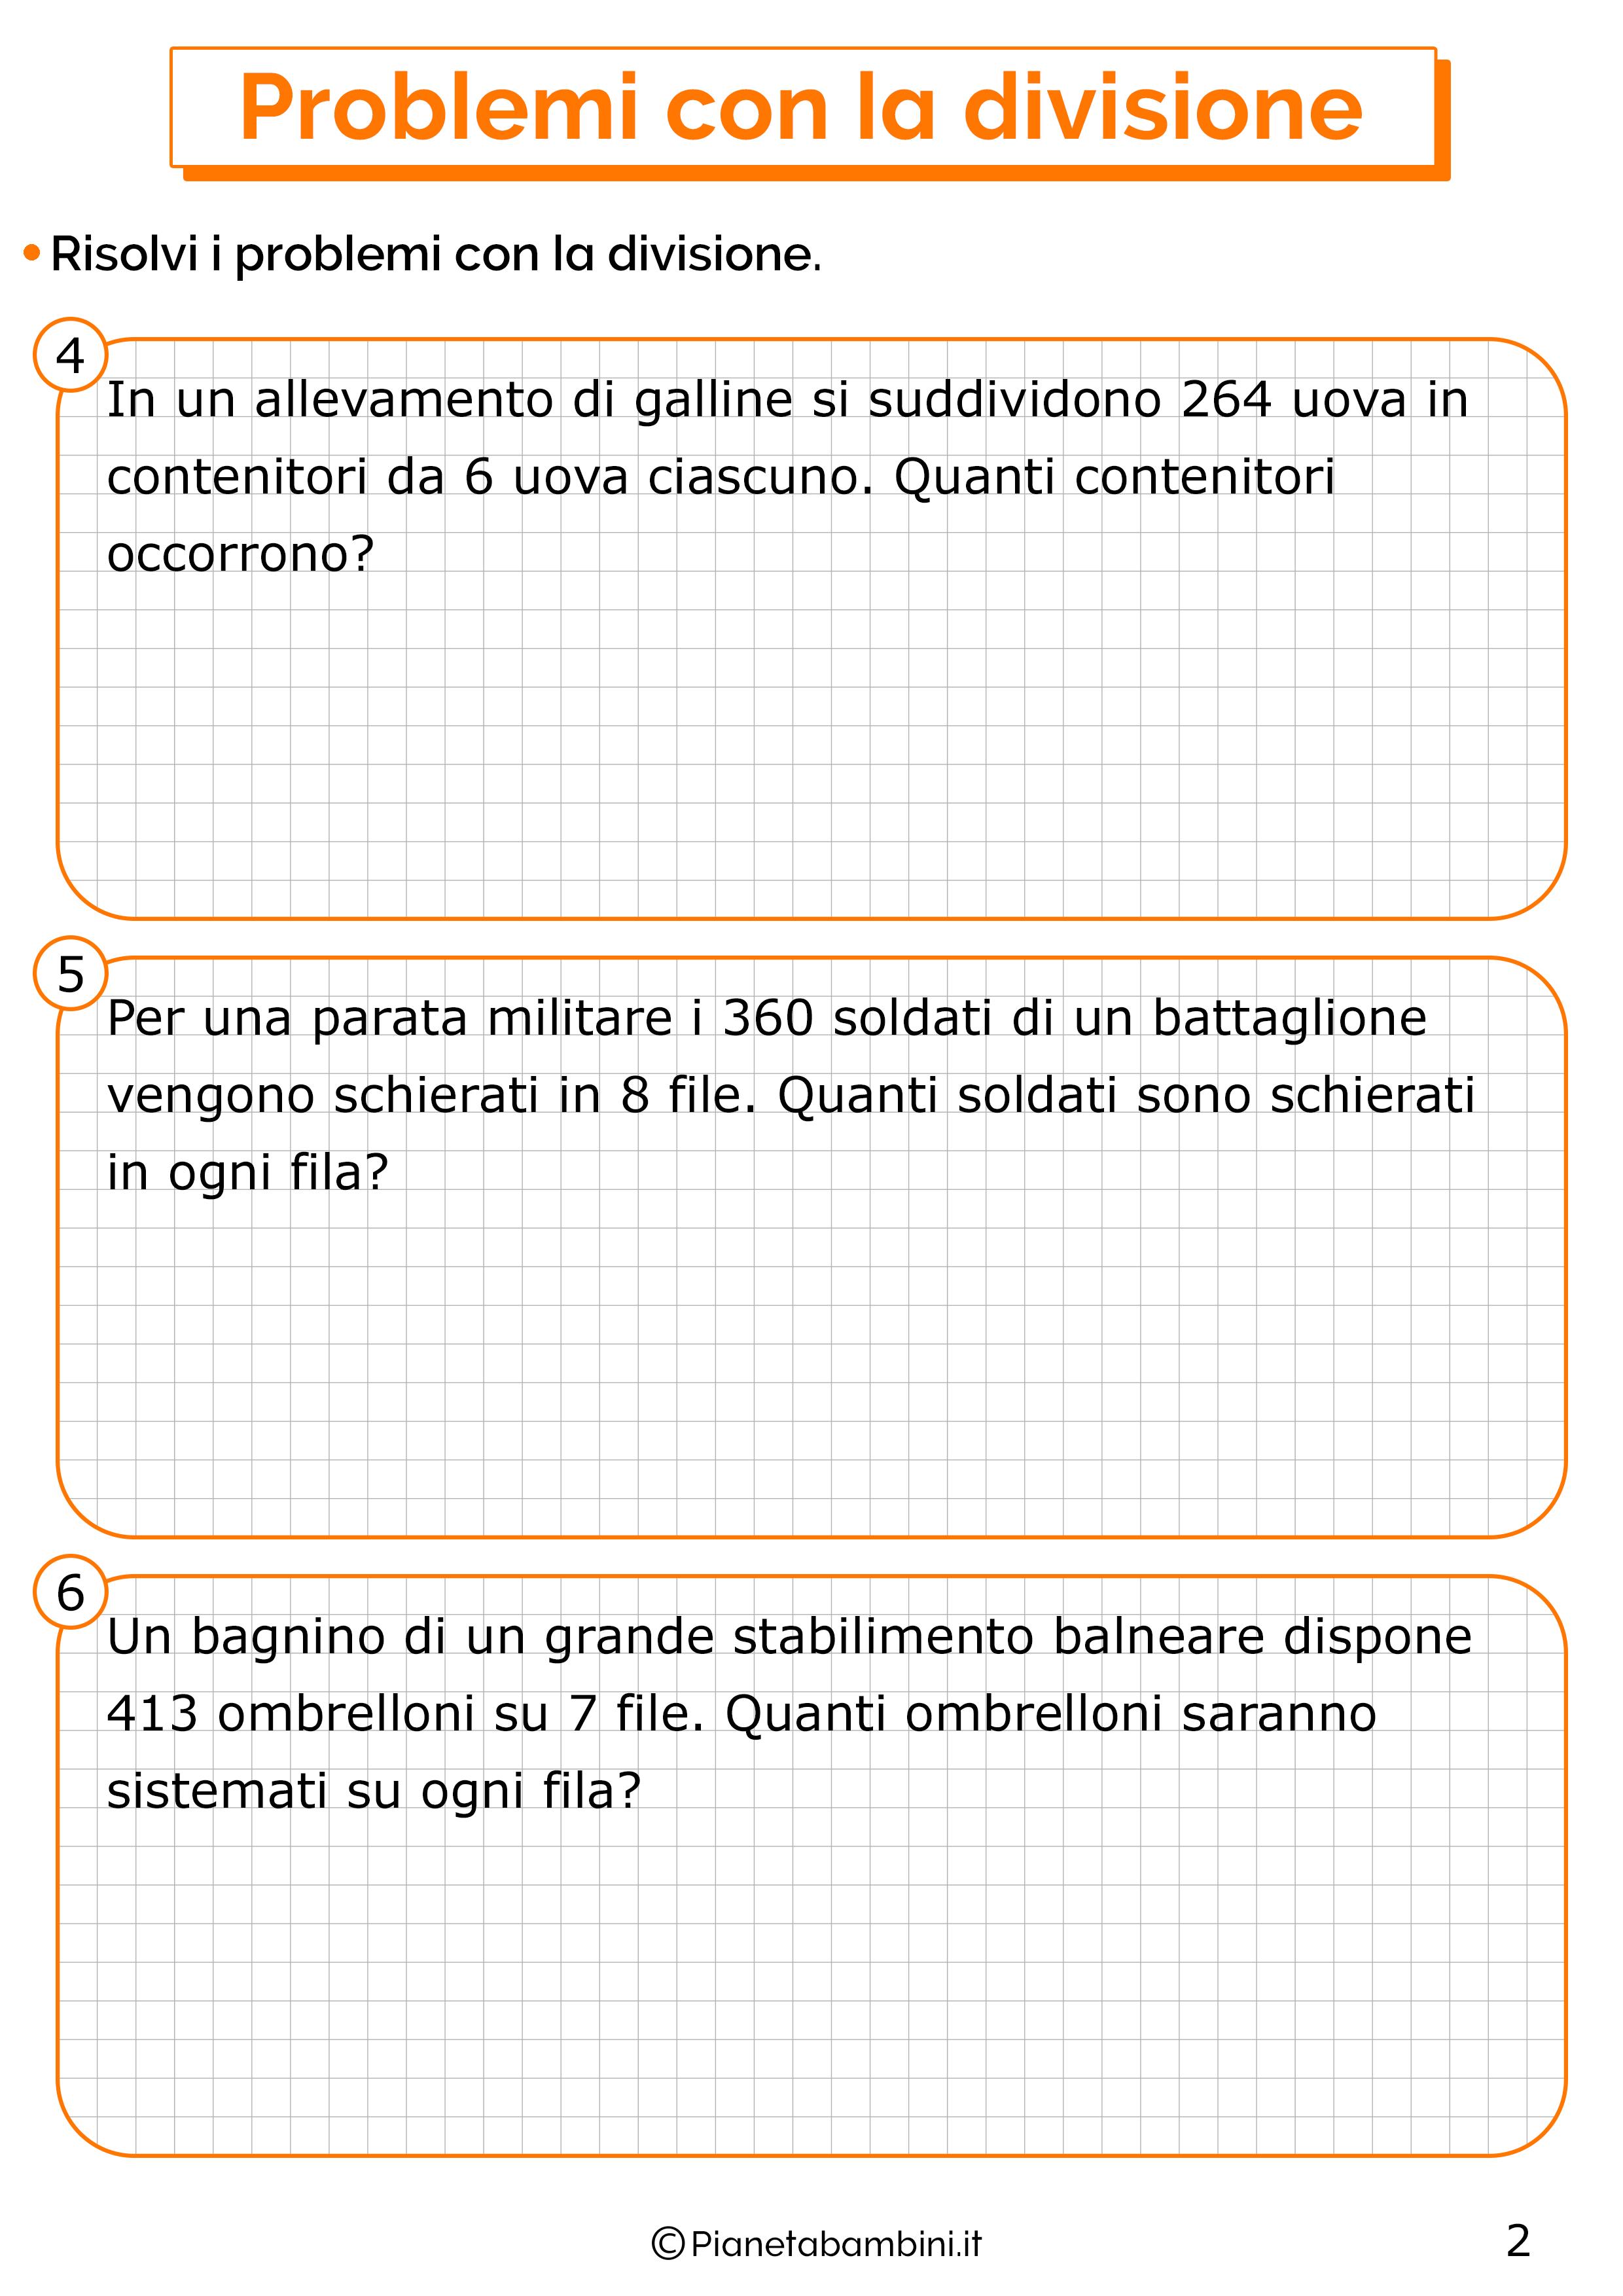 Problemi con la divisione per la classe terza 2